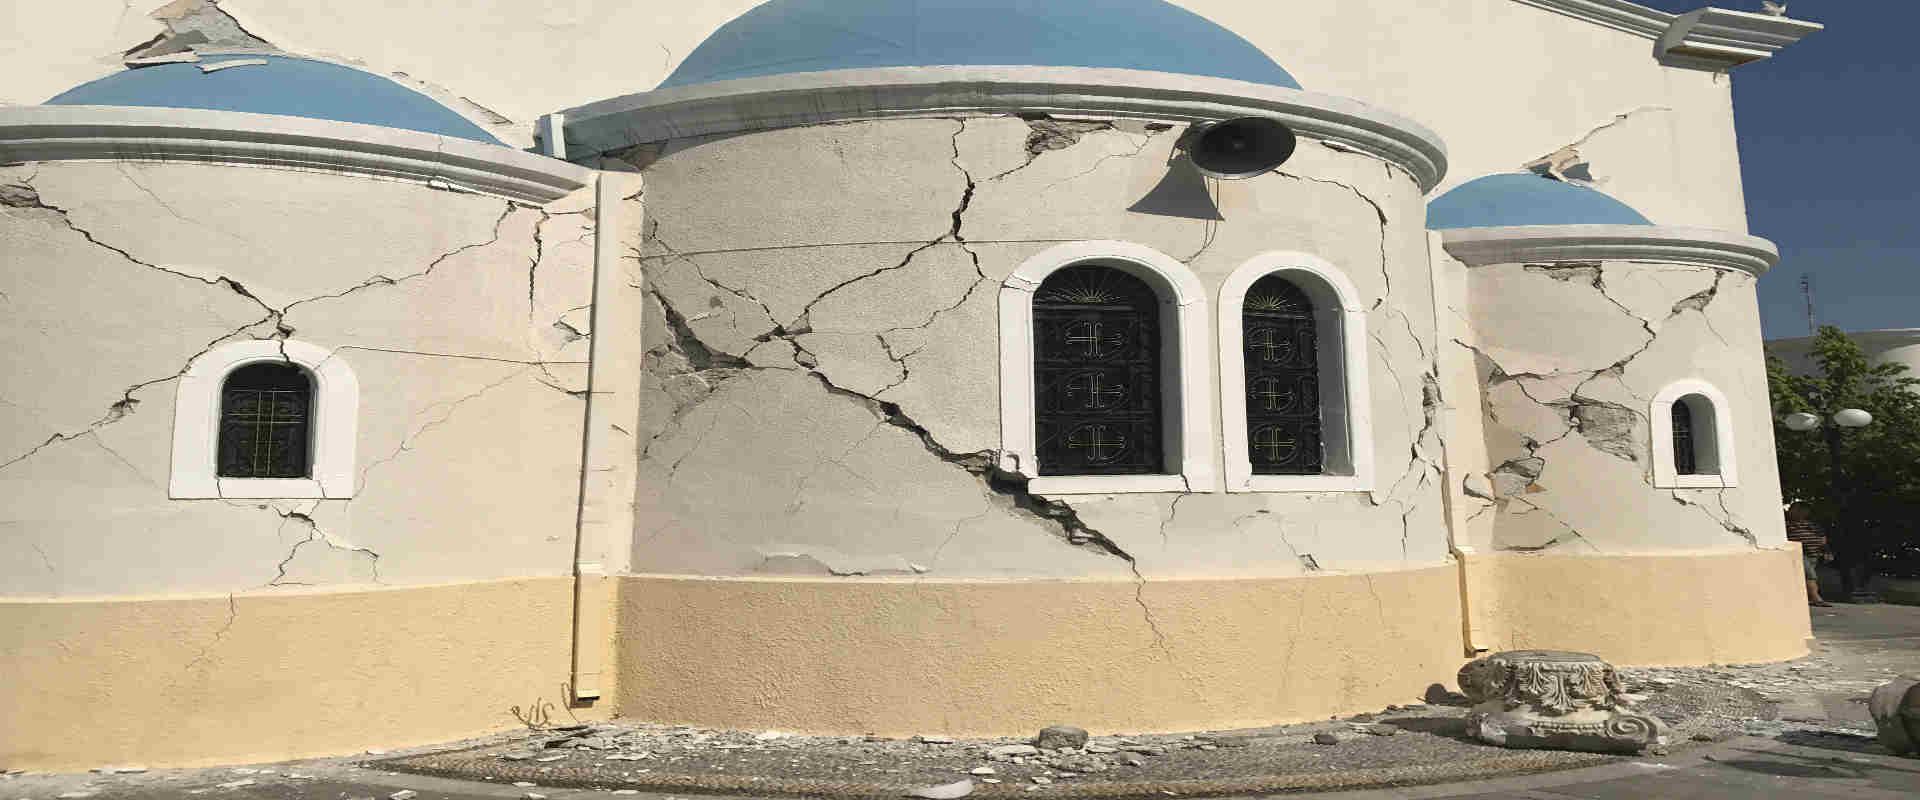 נזק למבנה באי קוס